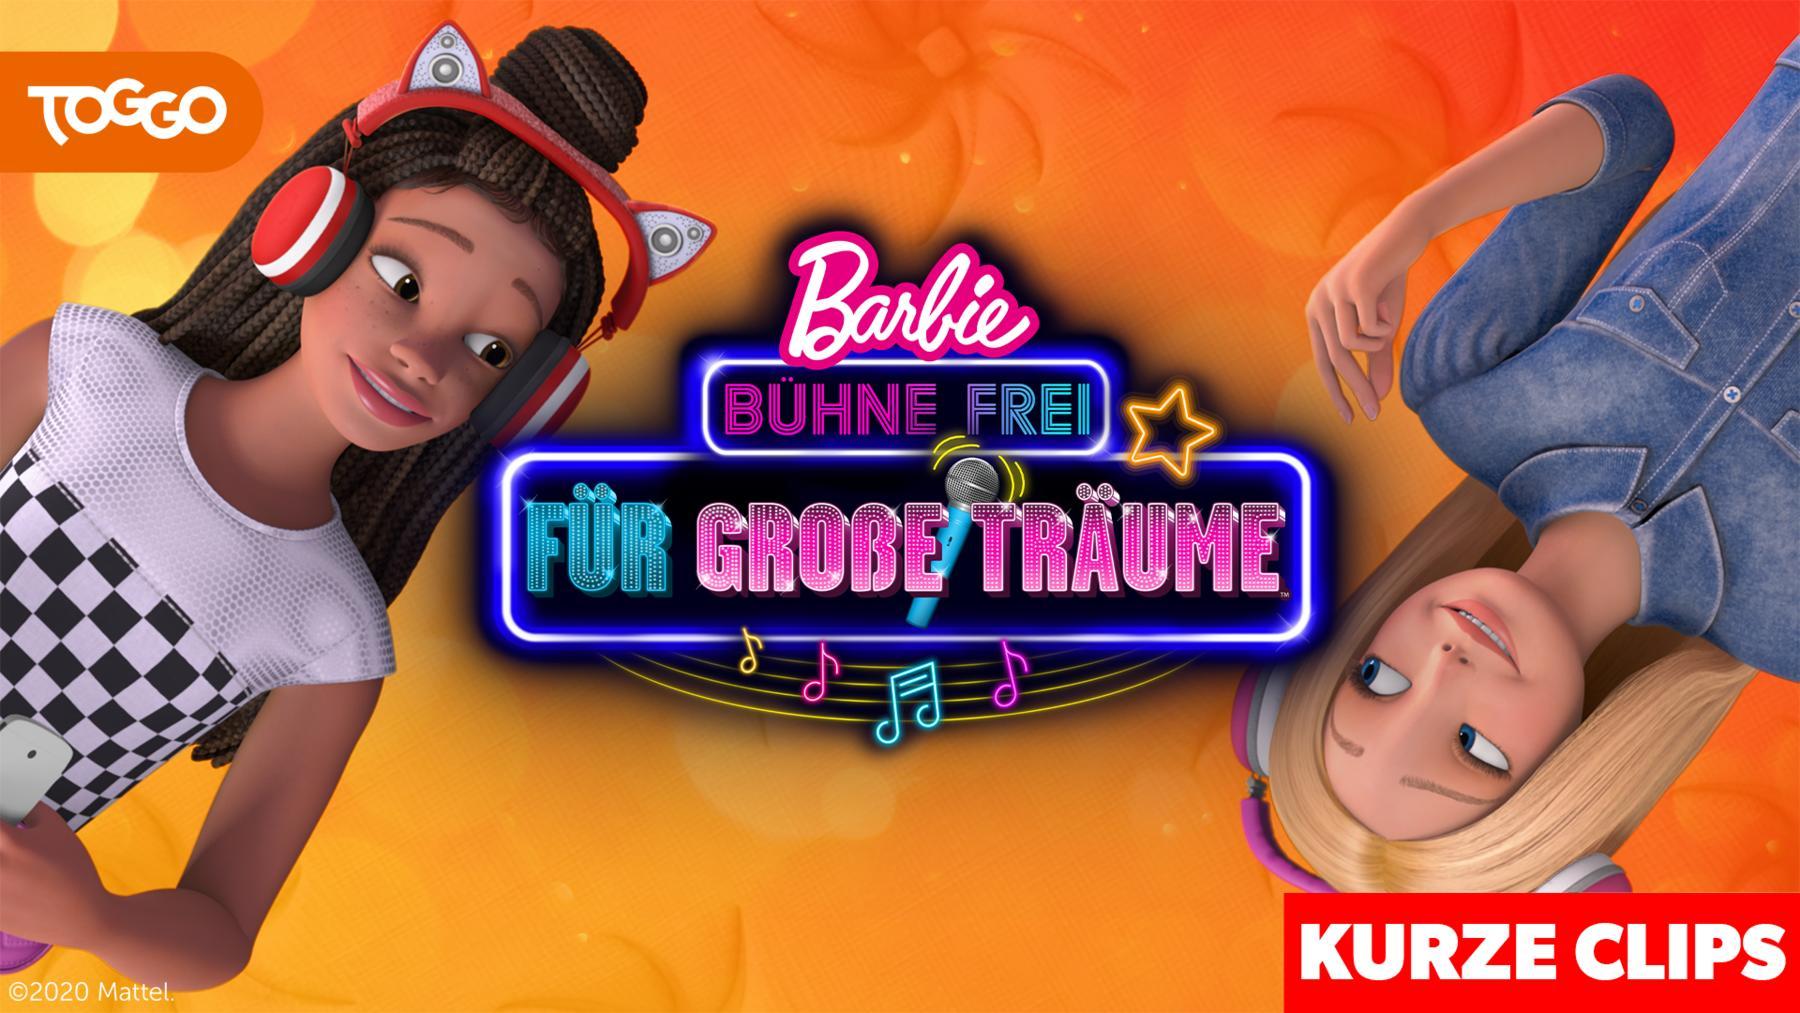 Barbie - Bühne frei für große Träume - Musikclips